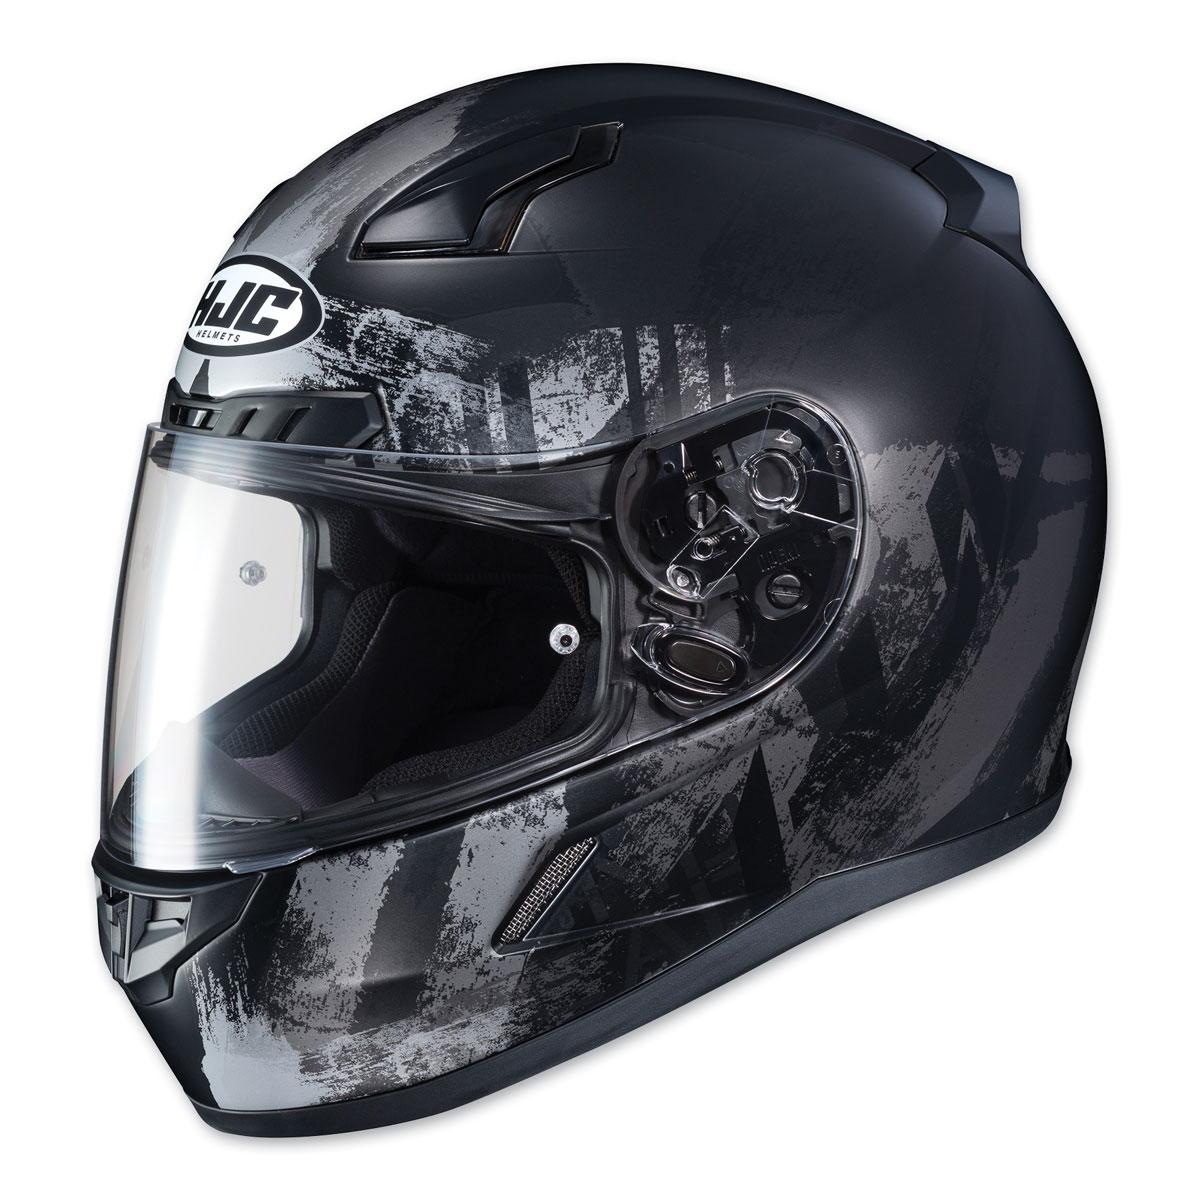 HJC CL-17 Arica Black/Gray Full Face Helmet